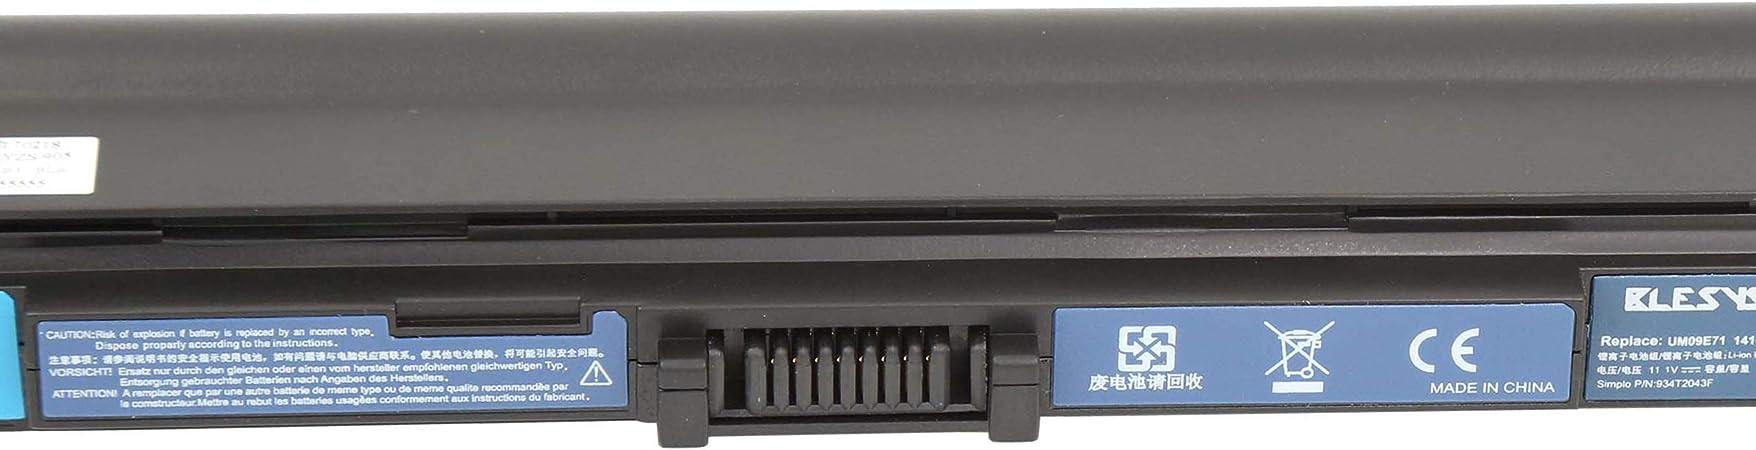 UM09E71 UM09E31 UM09E36 7xinbox 5200mAh 10.8V Repuesto Bater/ía para Acer 934T2039F UM09E56 UM09E32 UM09E78 UM09E70 UM09E51